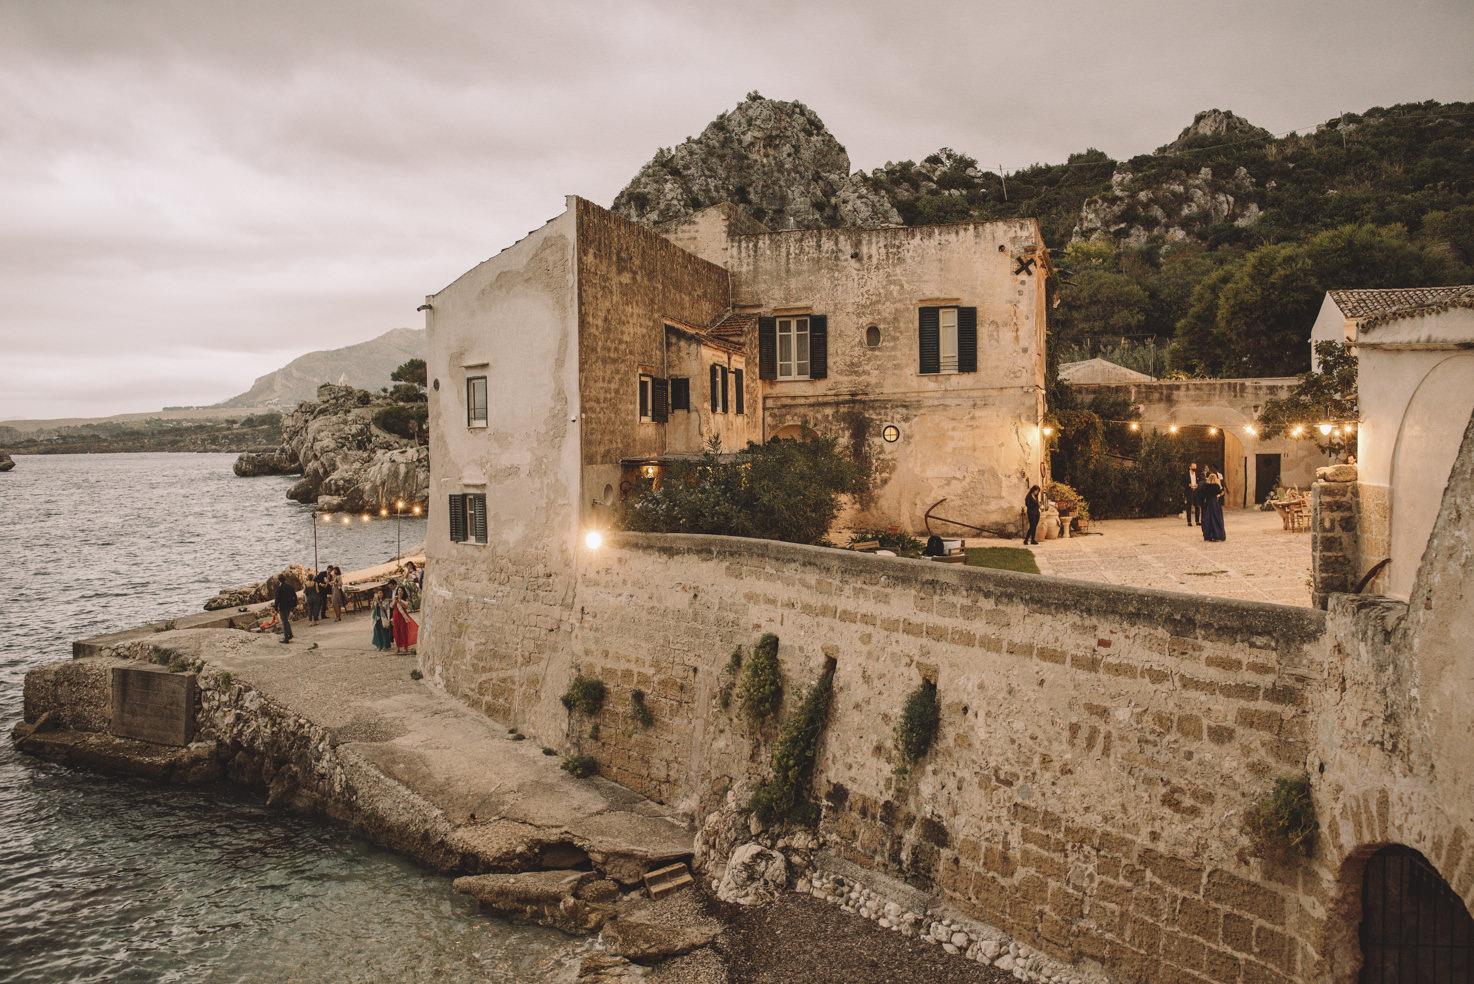 Courtyard facing the sea